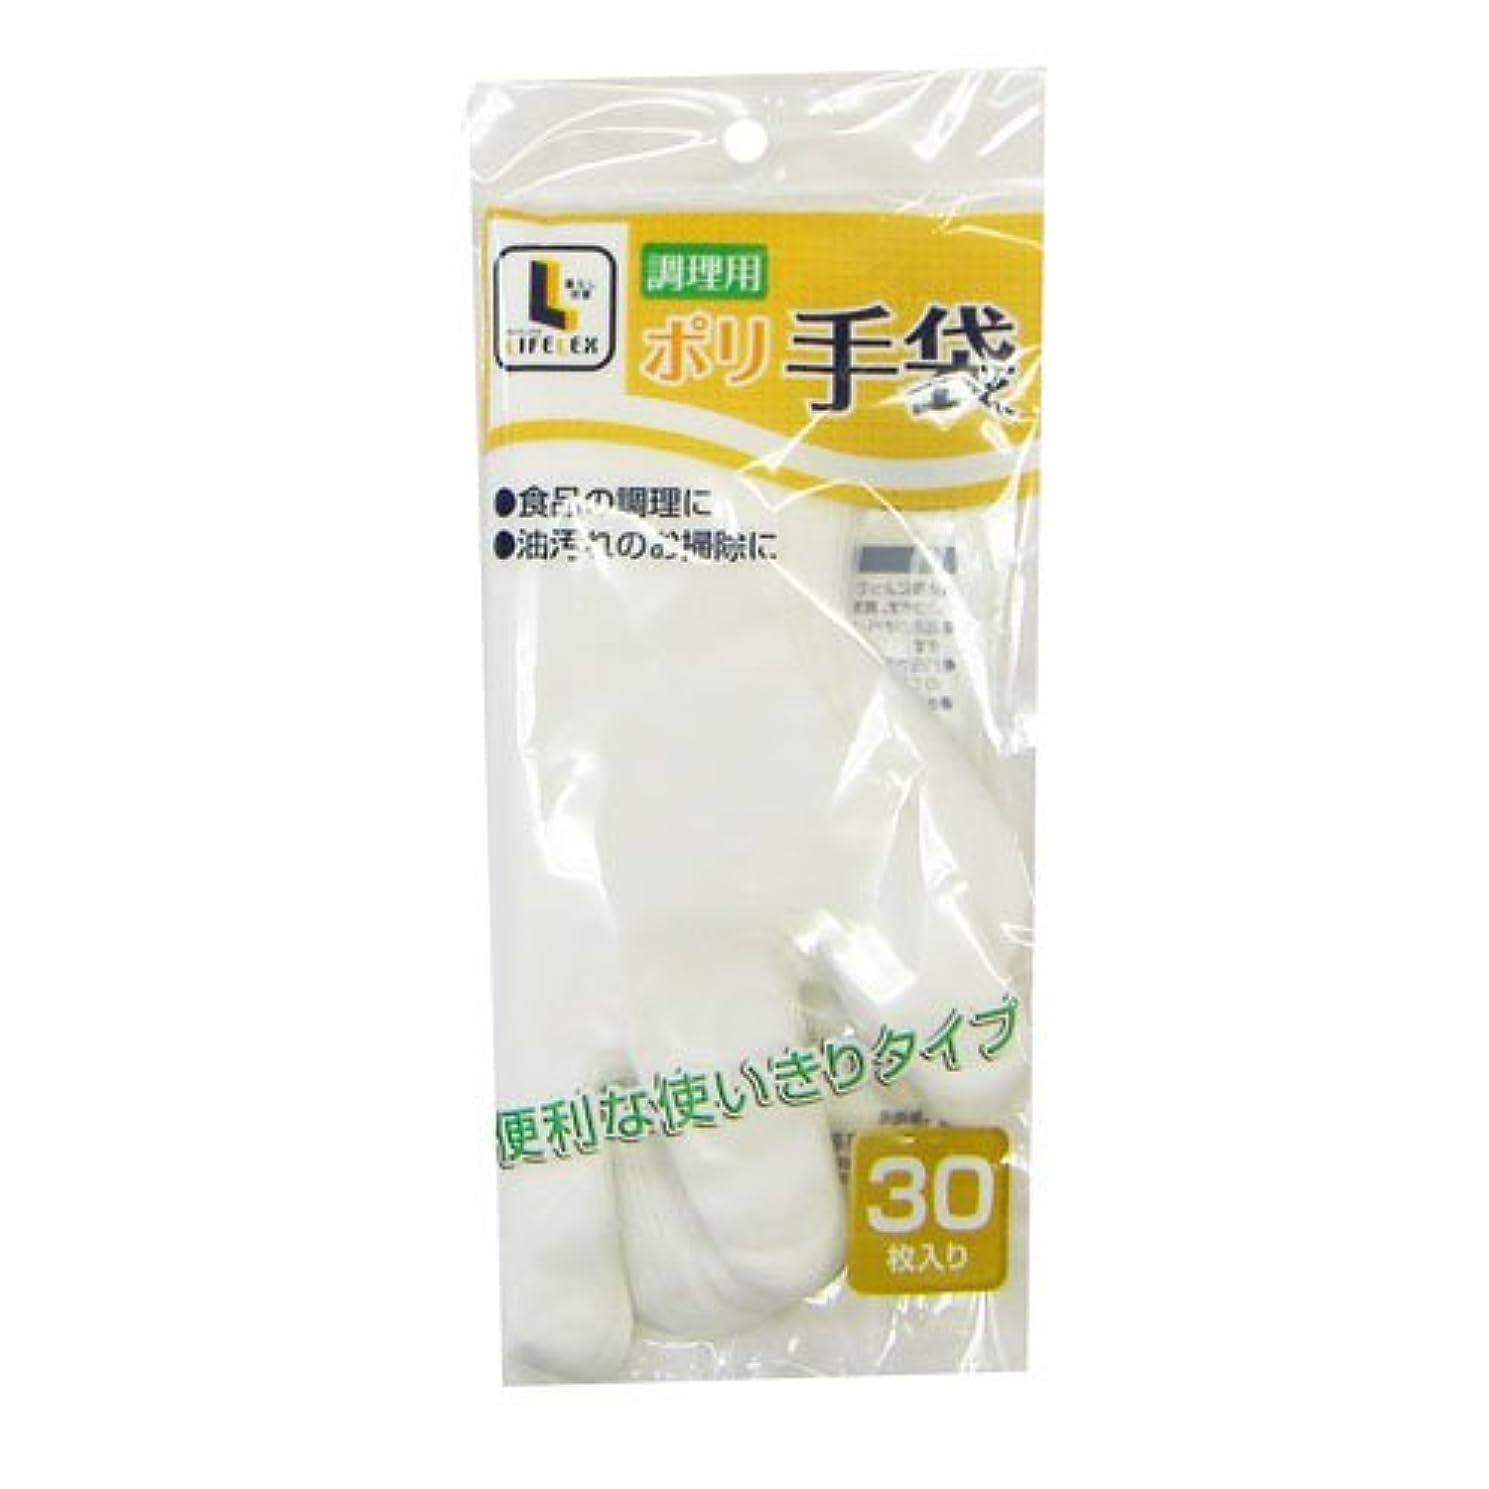 甘やかすスクランブル城コーナンオリジナル 調理用ポリ手袋 30枚入 KHD05-7510